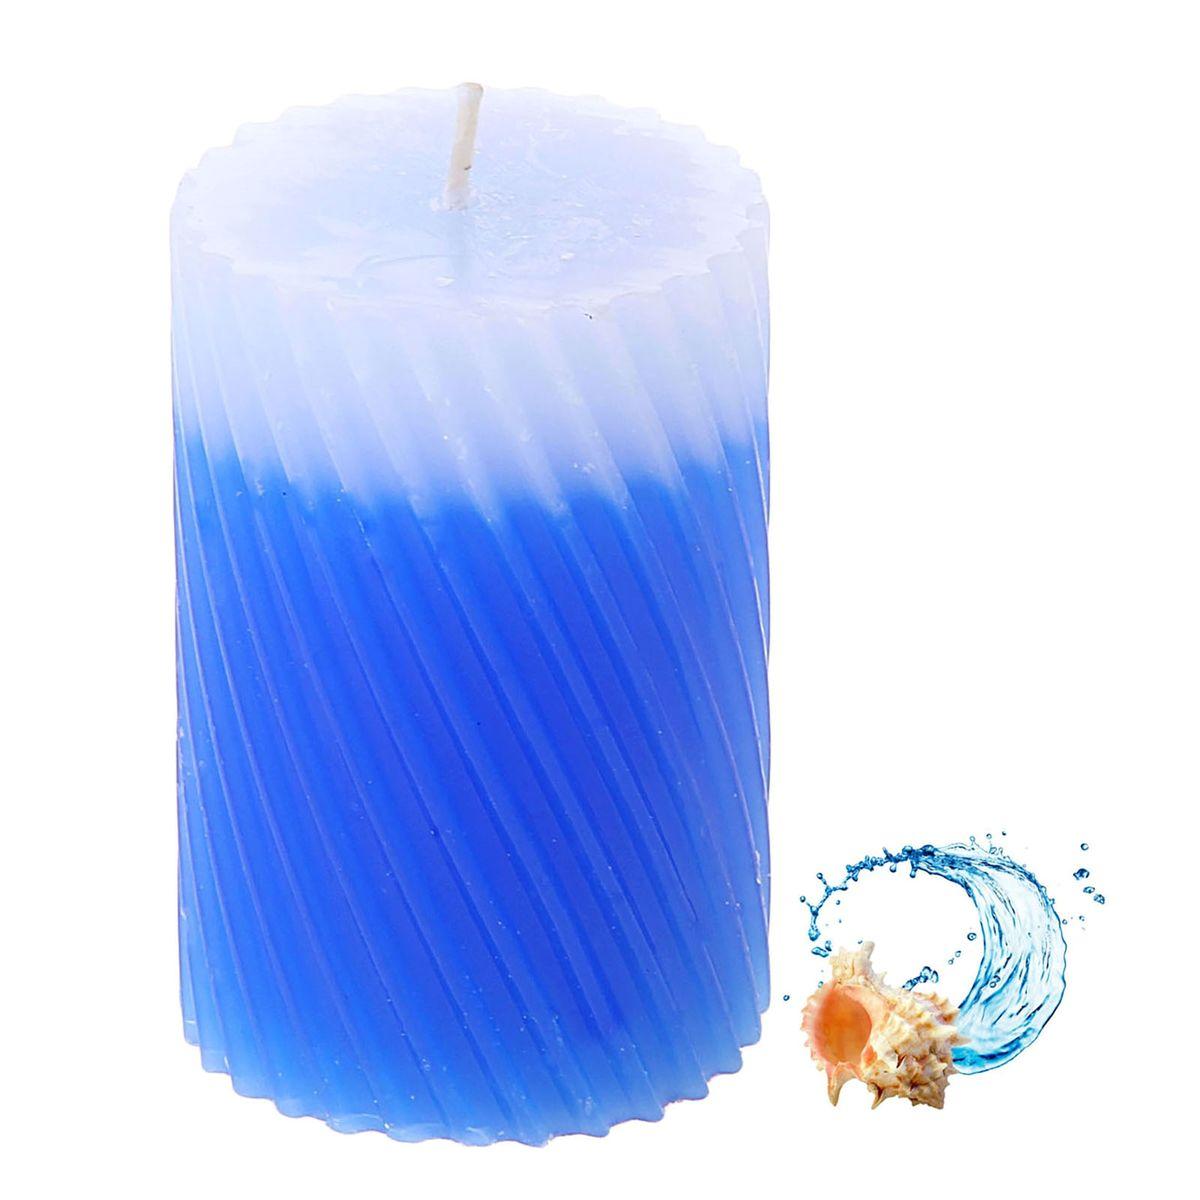 Свеча ароматизированная Sima-land Океан, высота 7,5 см. 849548849548Свеча Sima-land Океан выполнена из воска и оформлена резным рельефом. Свеча порадует ярким дизайном и приятным морским ароматом, который понравится как женщинам, так и мужчинам. Создайте для себя и своих близких незабываемую атмосферу праздника в доме. Ароматическая свеча Sima-land Океан раскрасит серые будни яркими красками.